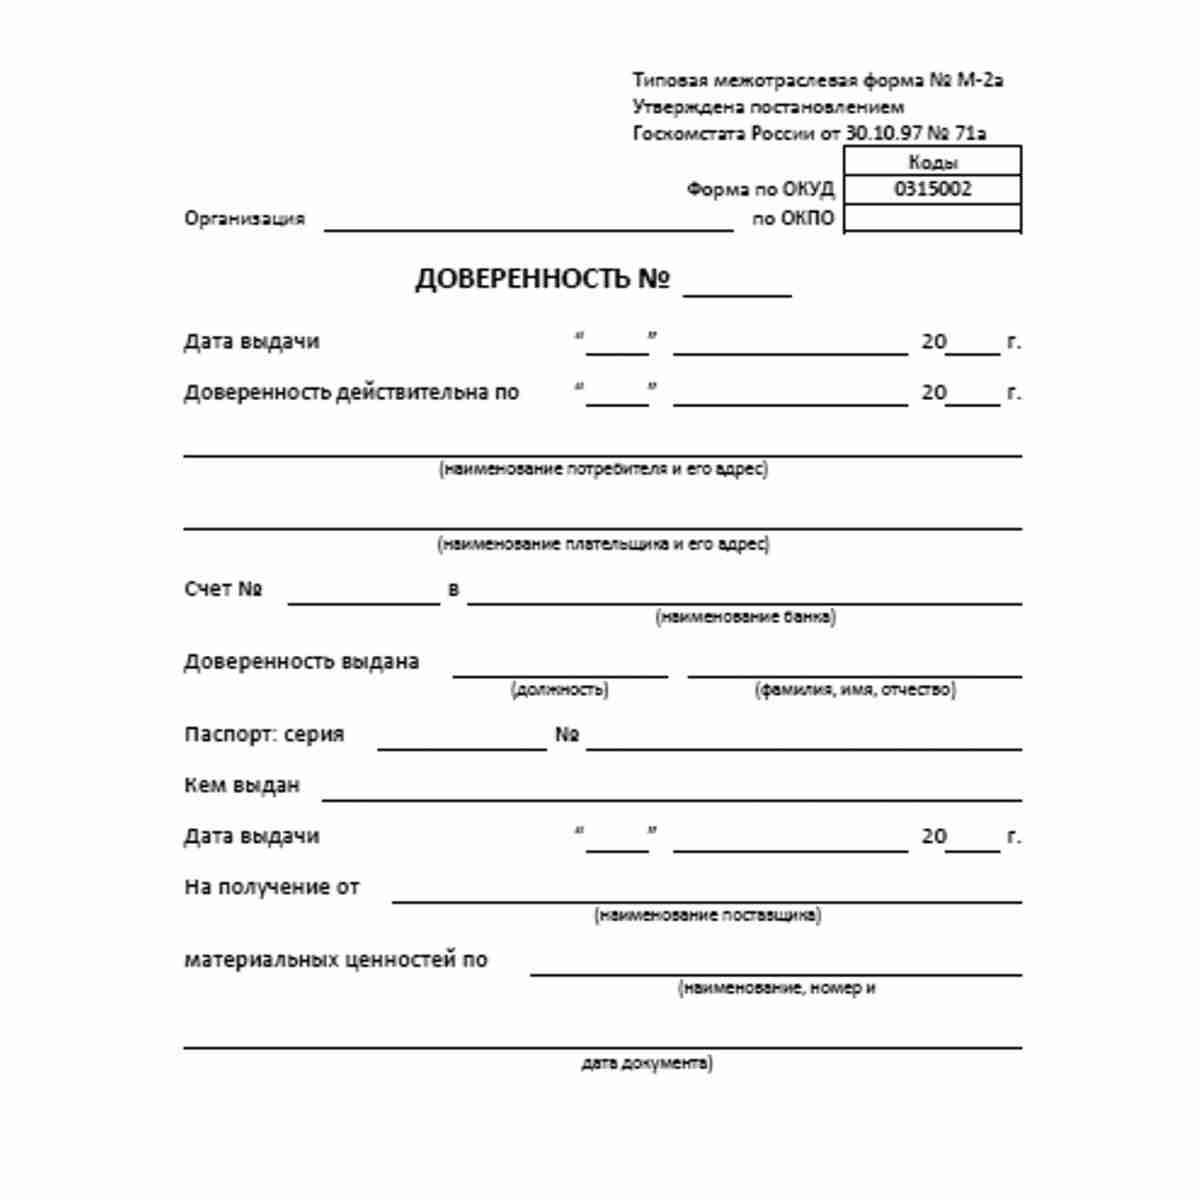 """Унифицированная форма первичной учетной документации Типовая межотраслевая форма № М-2а """"Доверенность"""" (ОКУД 0315002). Лицевая сторона"""